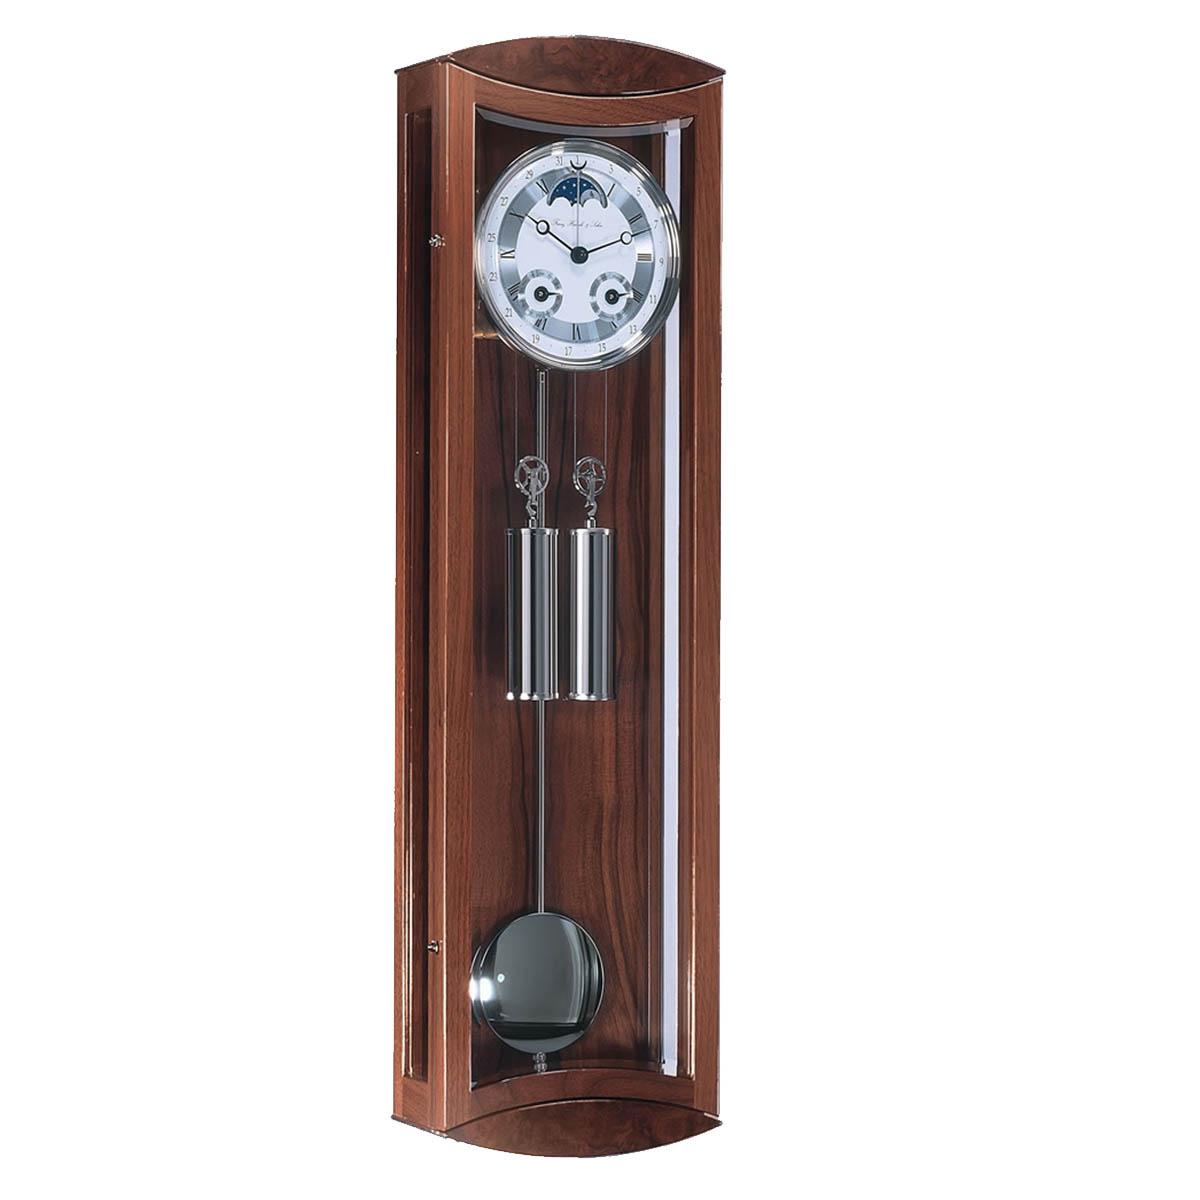 Hermle MORNINGTON-70650-030058- Walnut Regulator Wall Clock